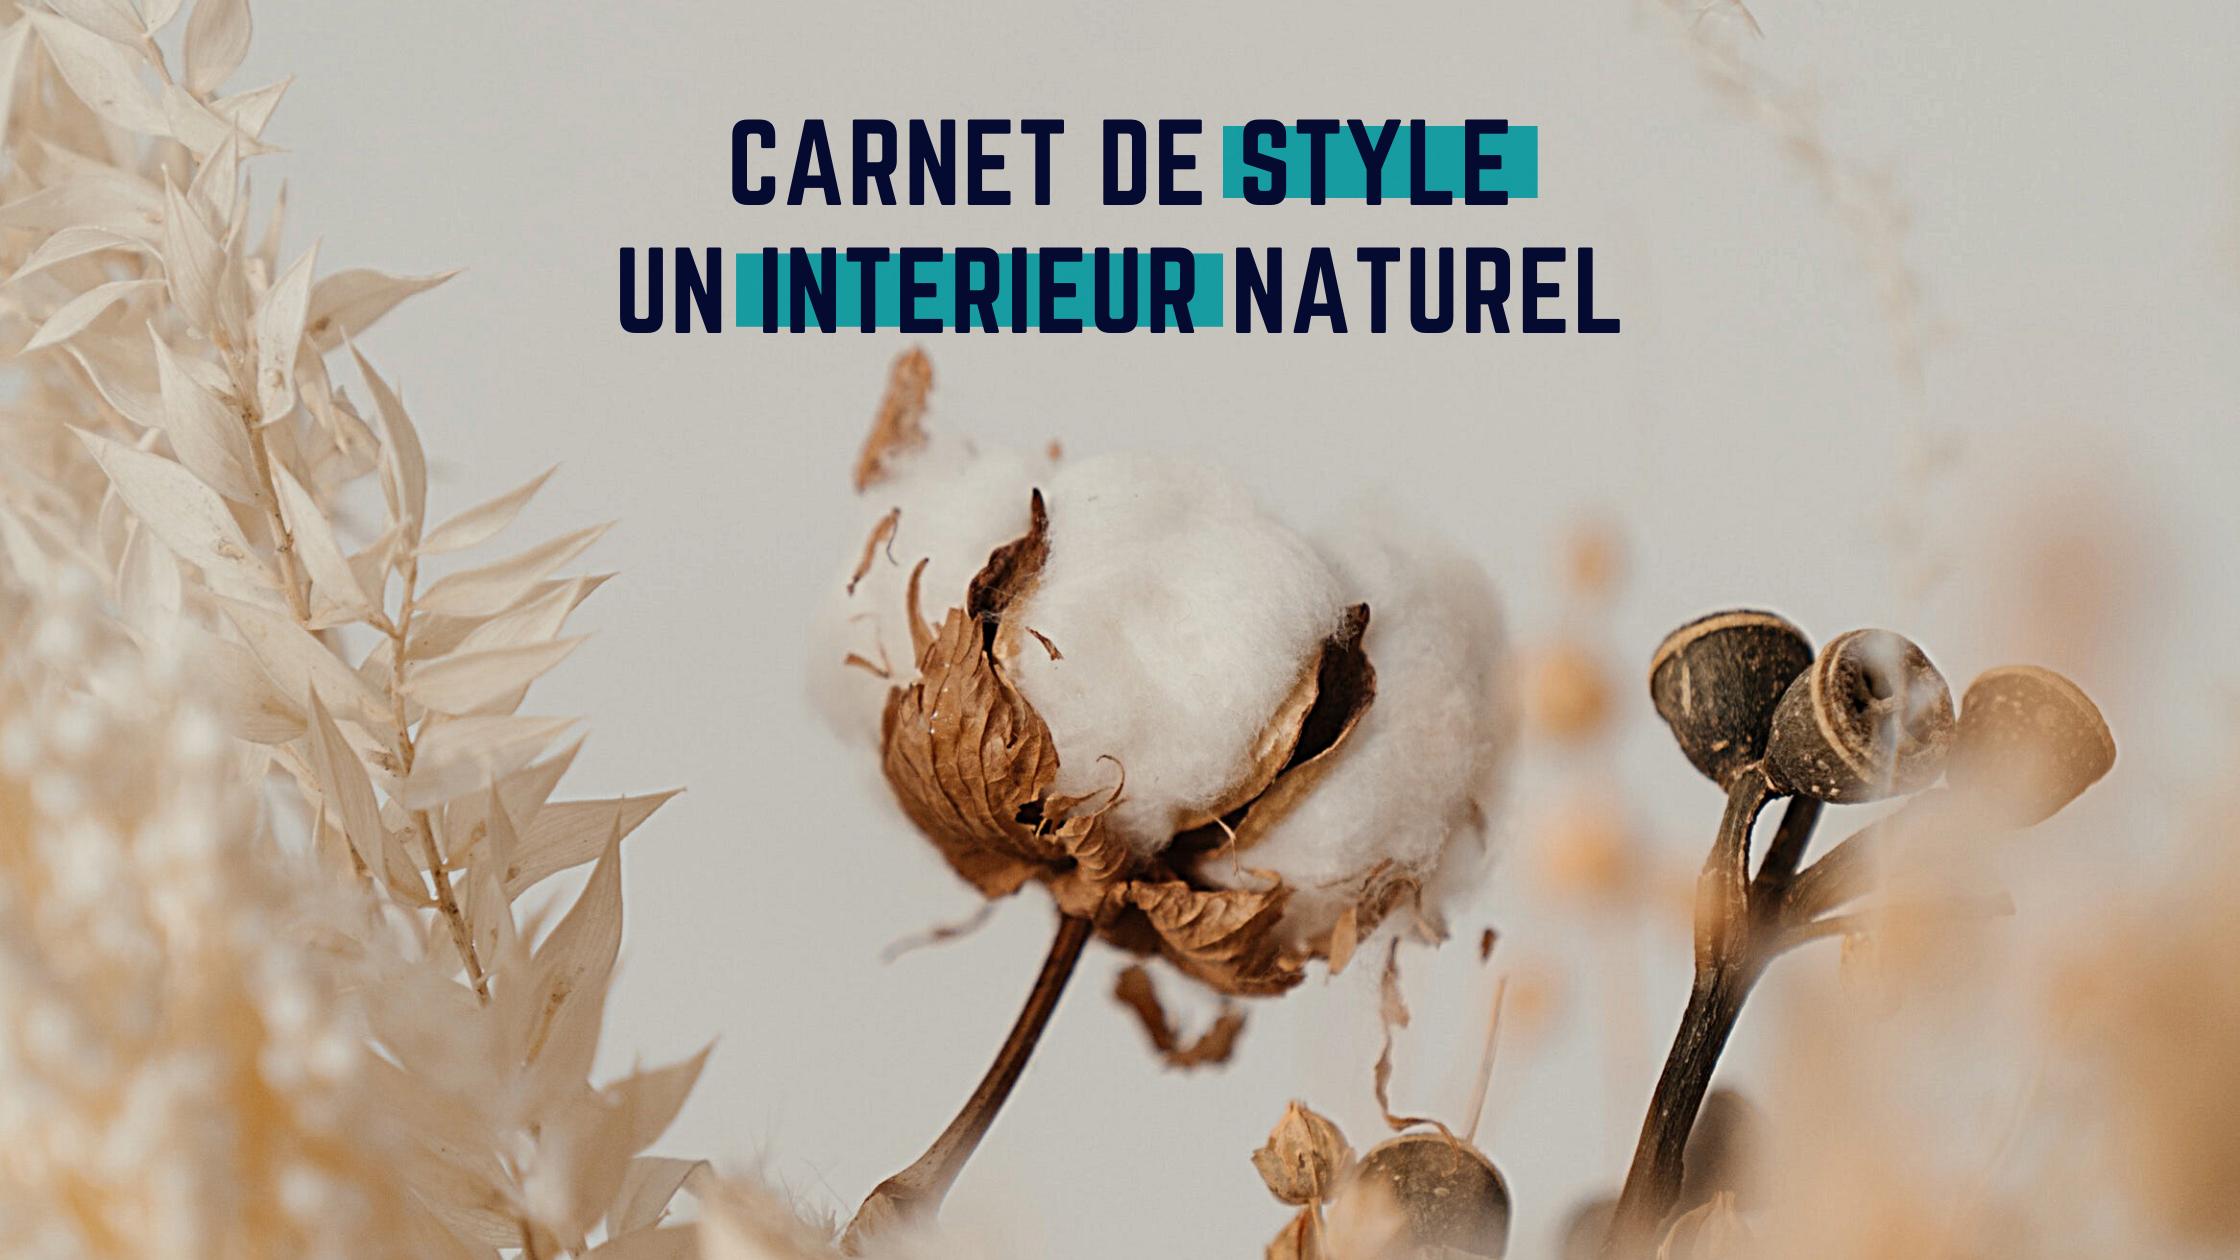 carnet de style naturel chic